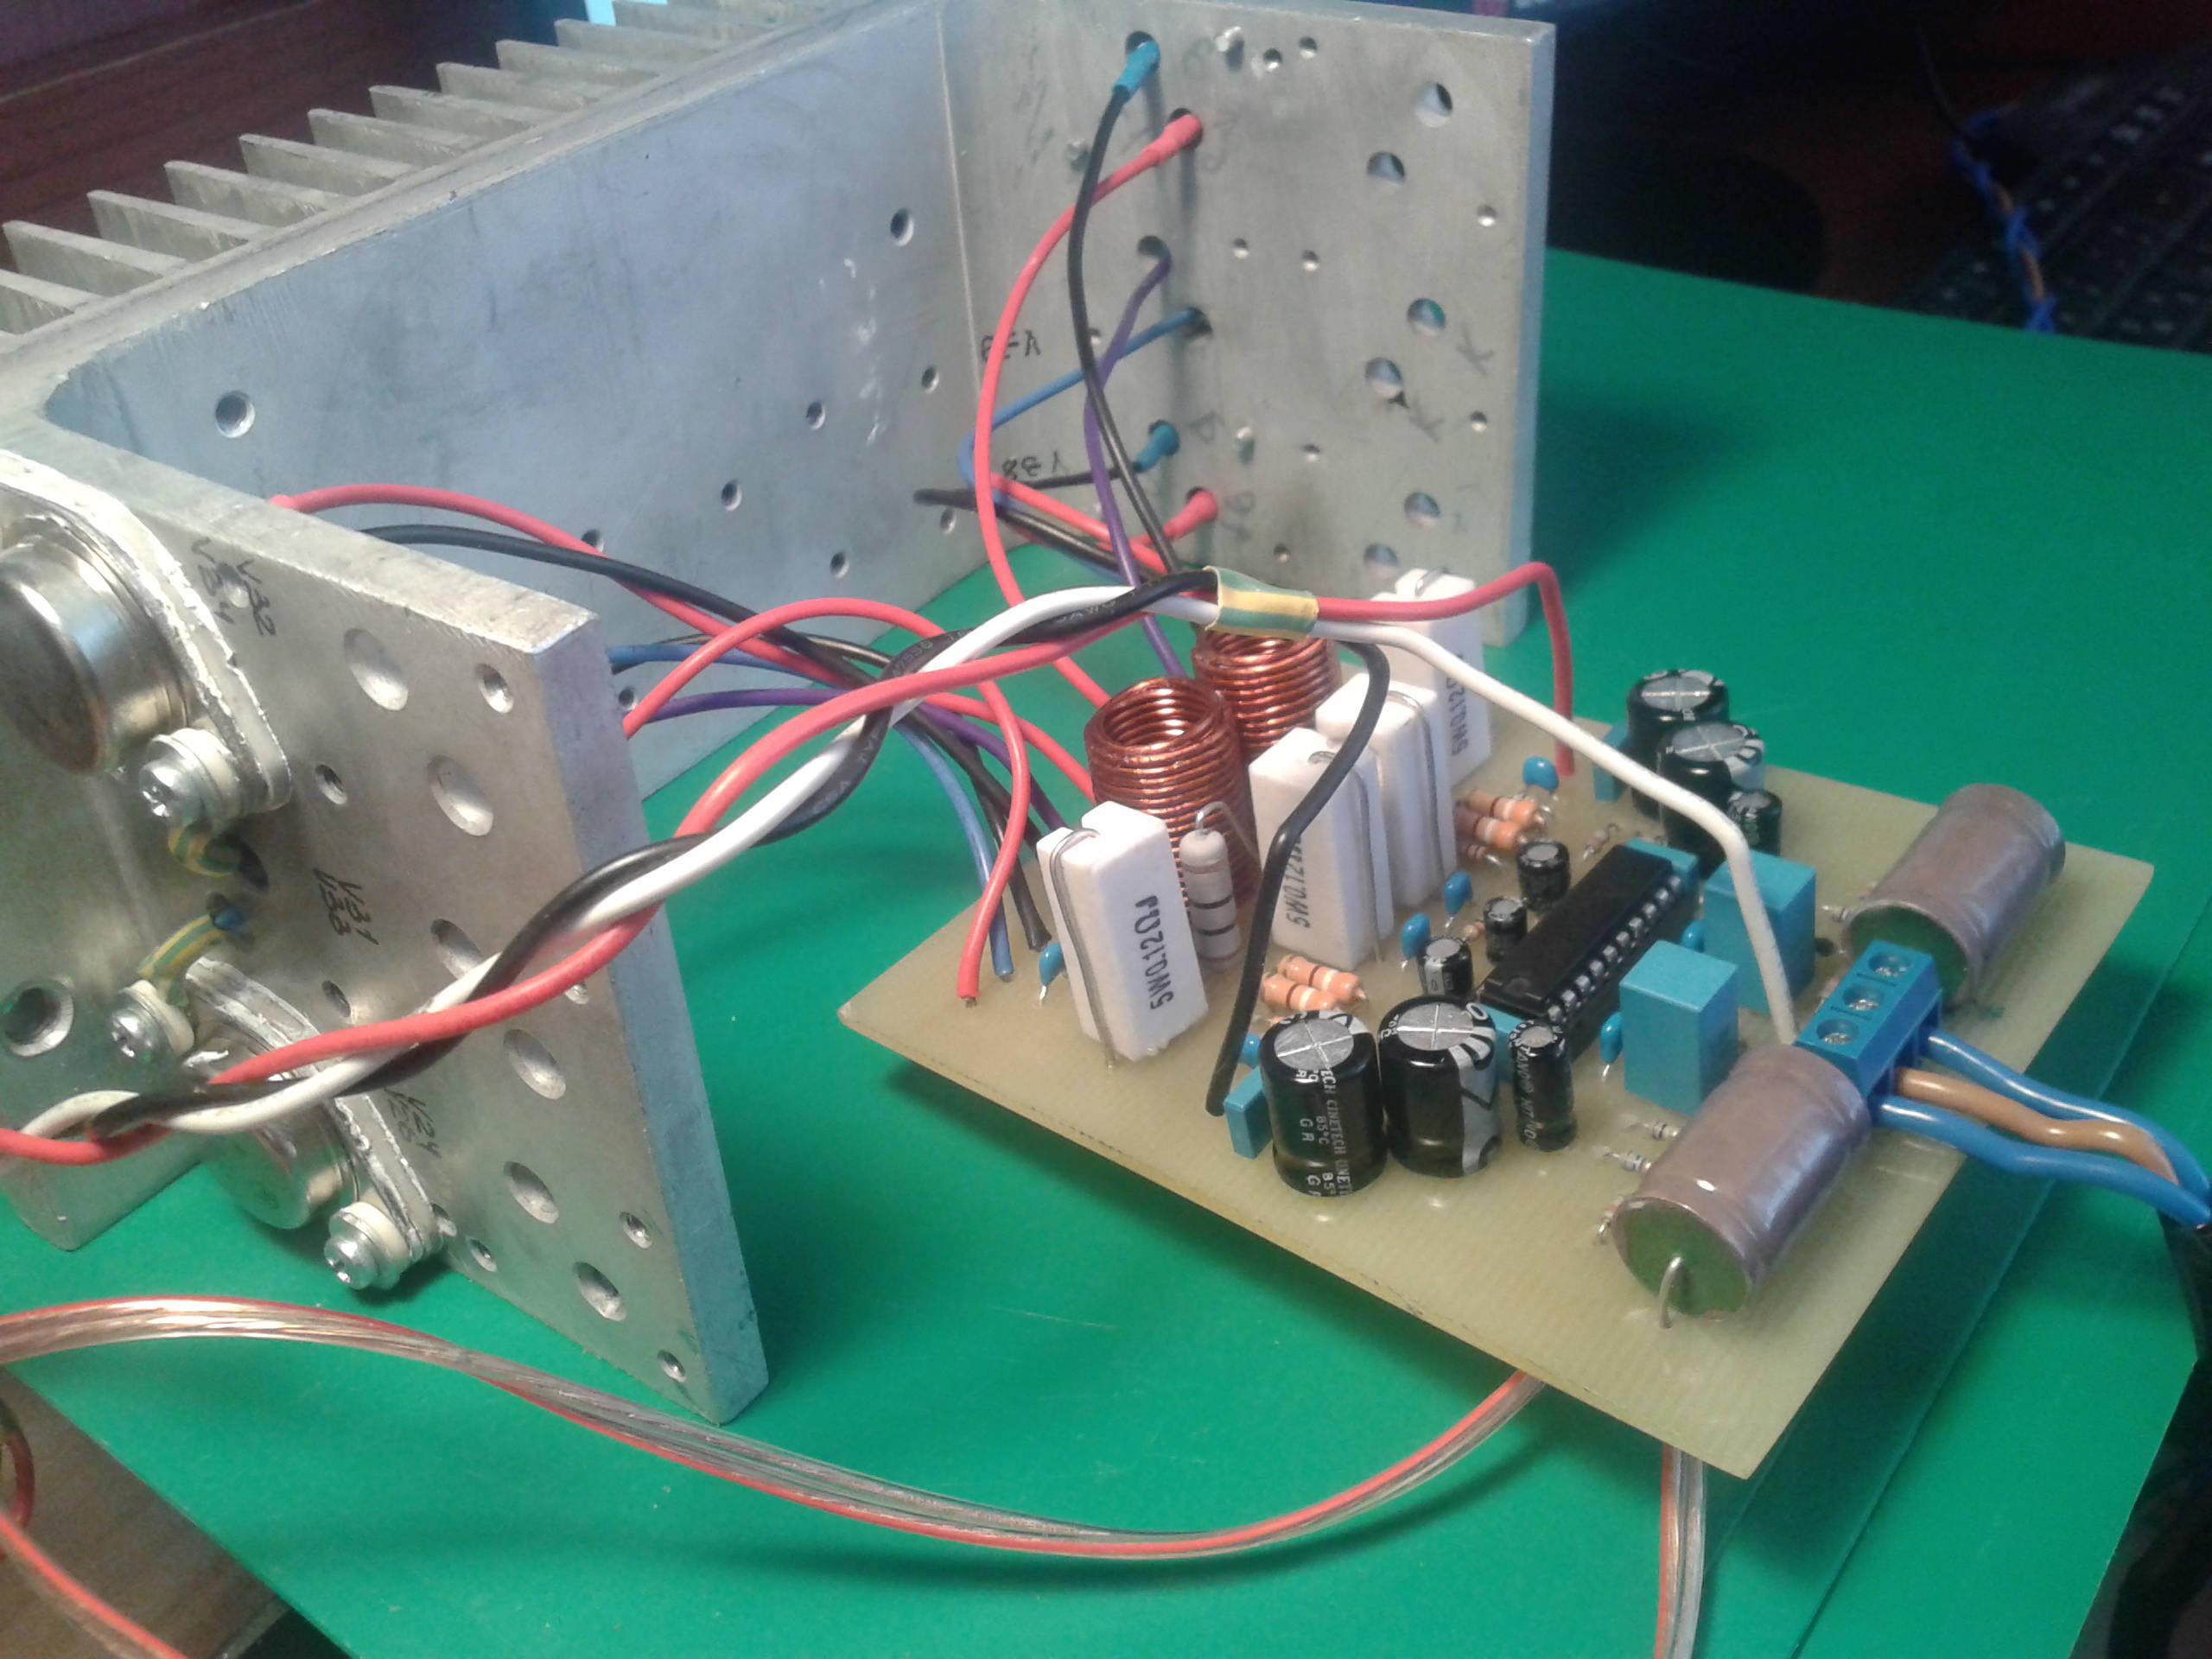 усилитель 4-х канальный в машину схема